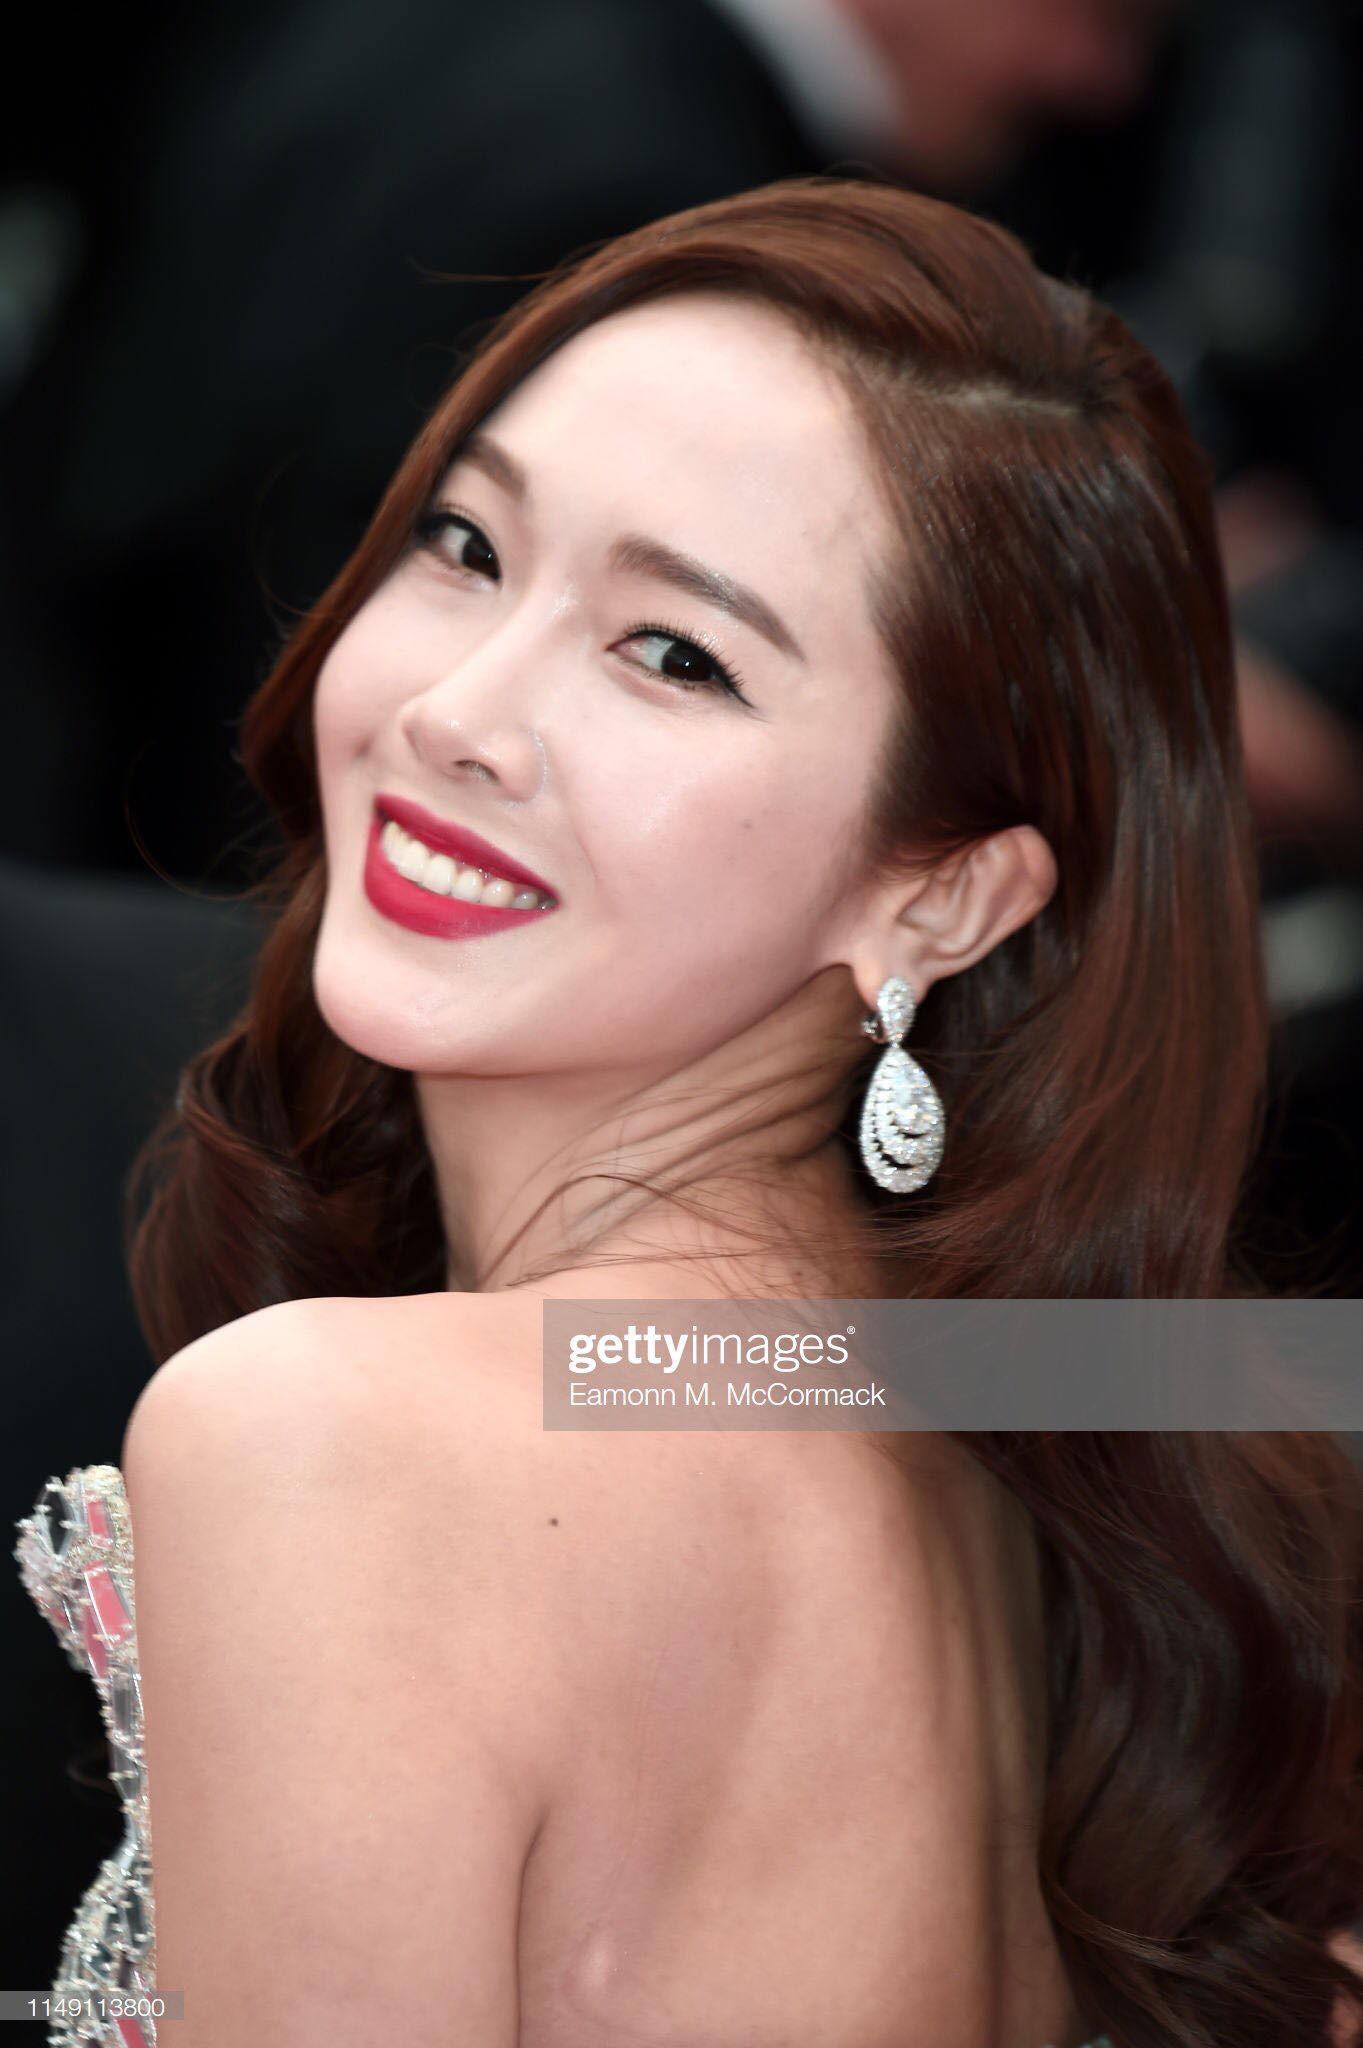 Đẹp đỉnh cao tại Cannes, nữ hoàng băng giá Jessica lại bị nhiếp ảnh gia quốc tế bóc mẽ nhan sắc quá chân thực - Ảnh 10.